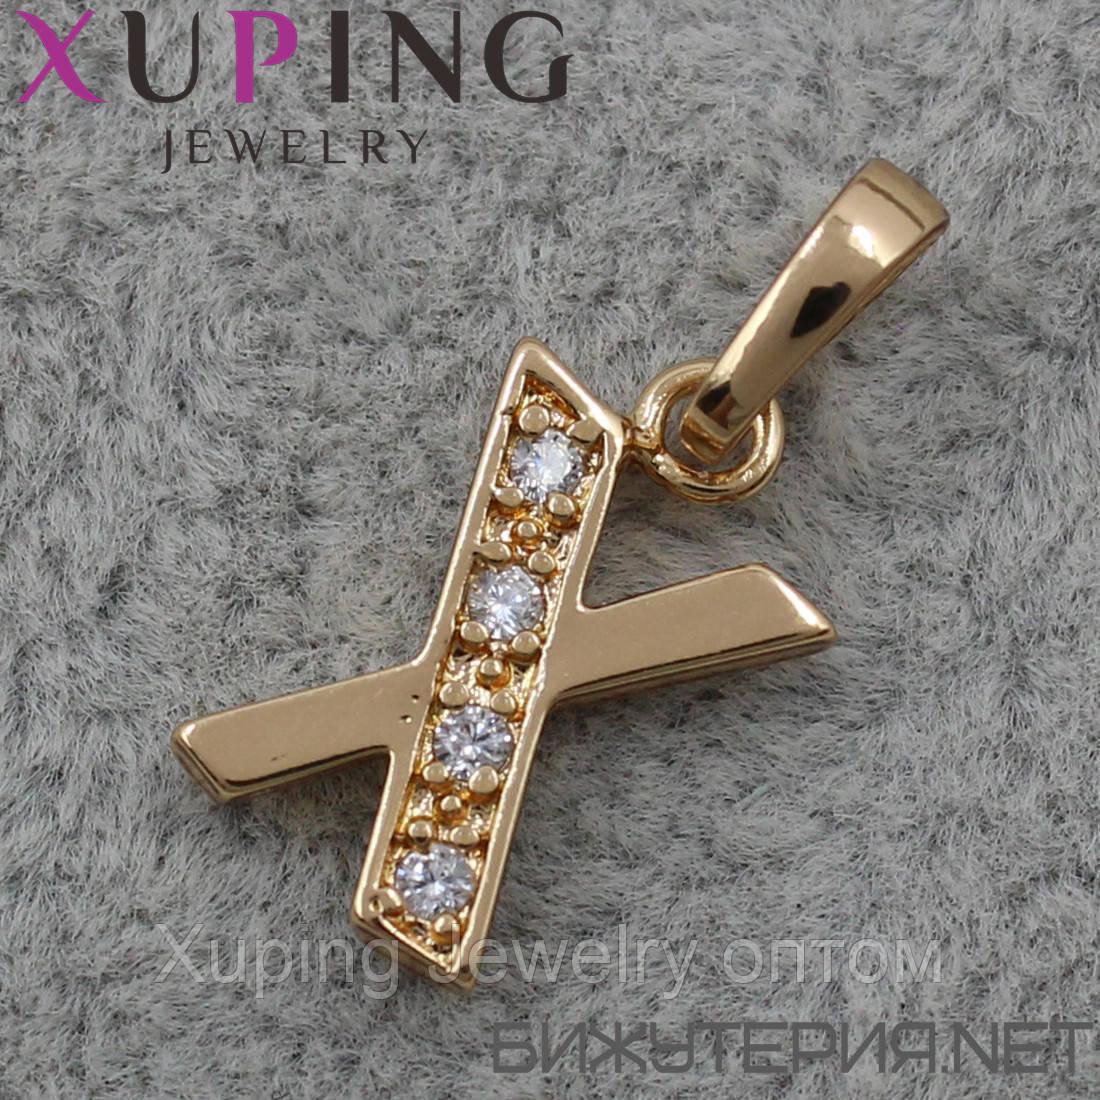 Кулон (подвеска) Буква Xuping медицинское золото 18K Gold - 1023622731